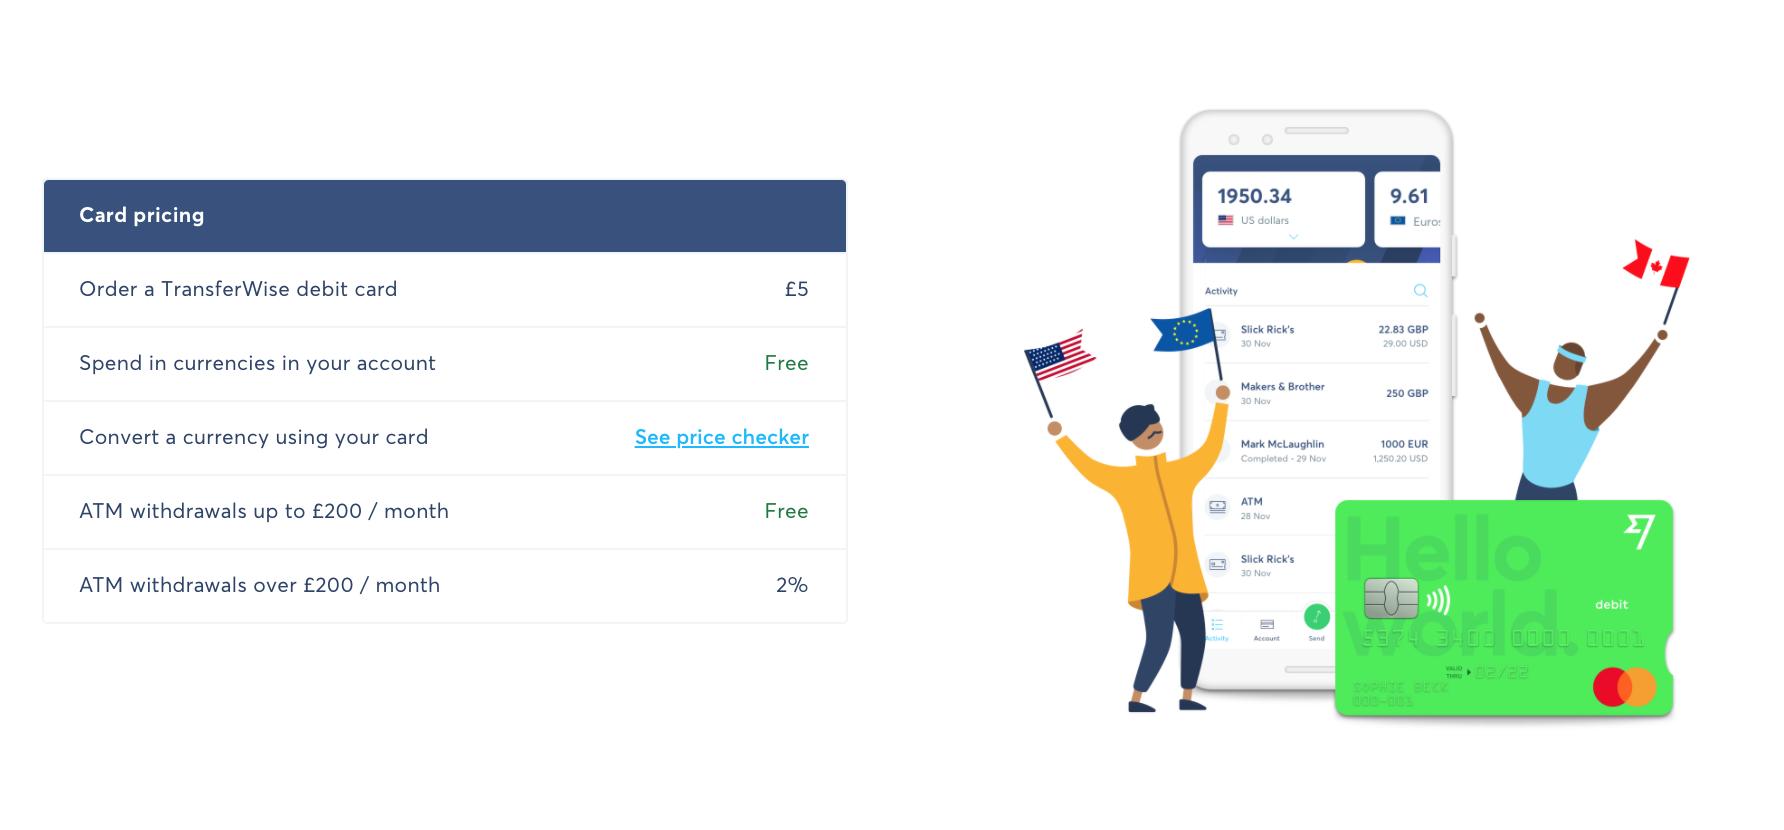 Přehled poplatků za zřízení a služby TransferWise. Kolik stojí zřízení party a výběry z bankomatů-